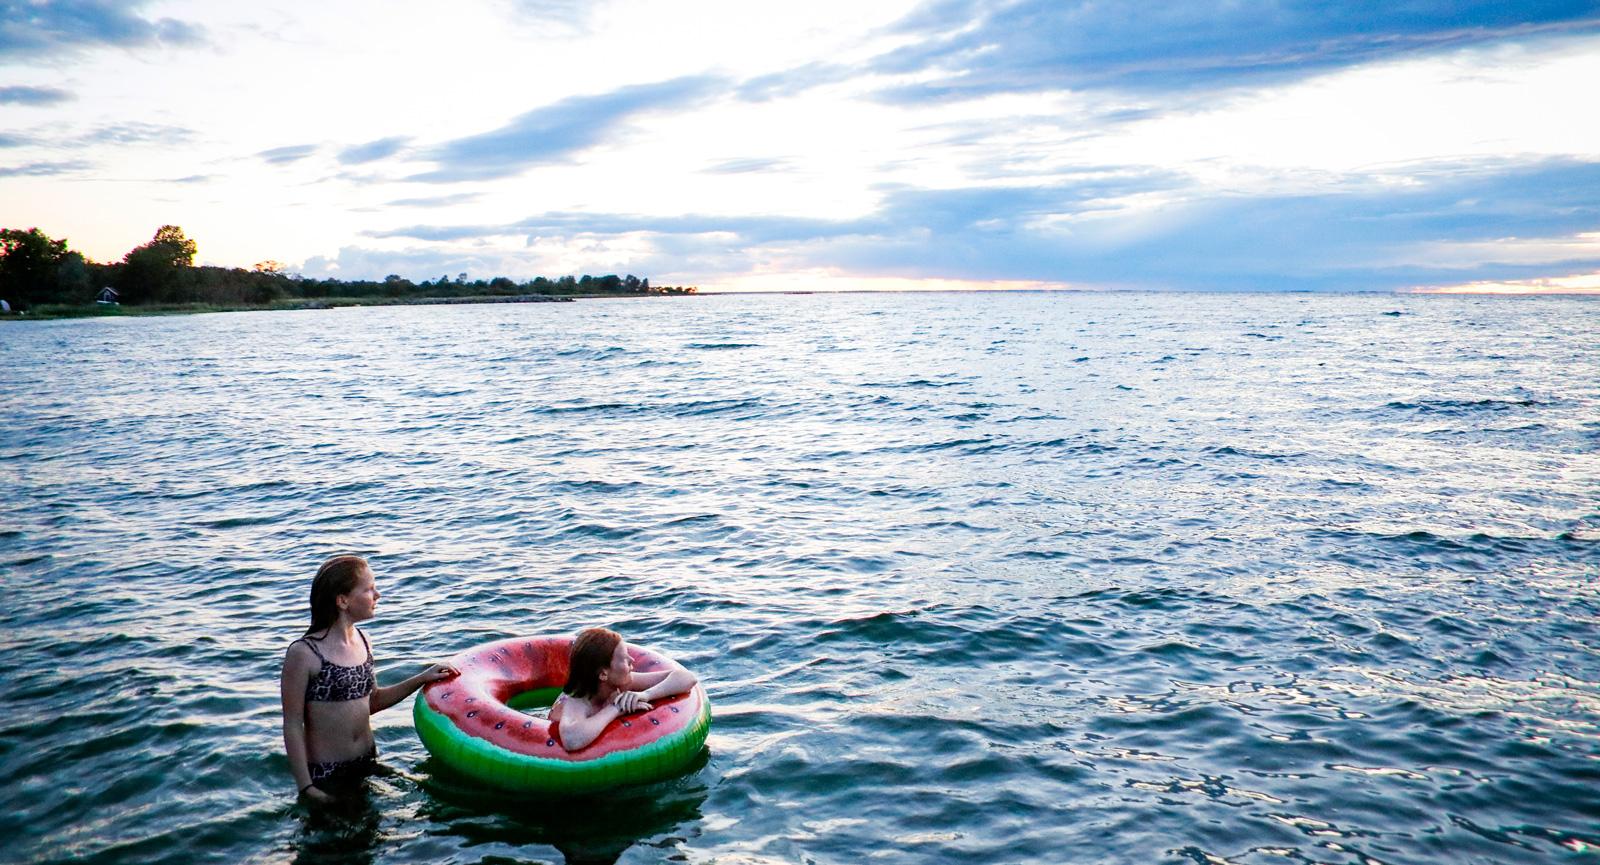 Trots att det är kallt både i luften och i vattnet envisas barnen med att ta ett kvällsdopp efter solnedgången.